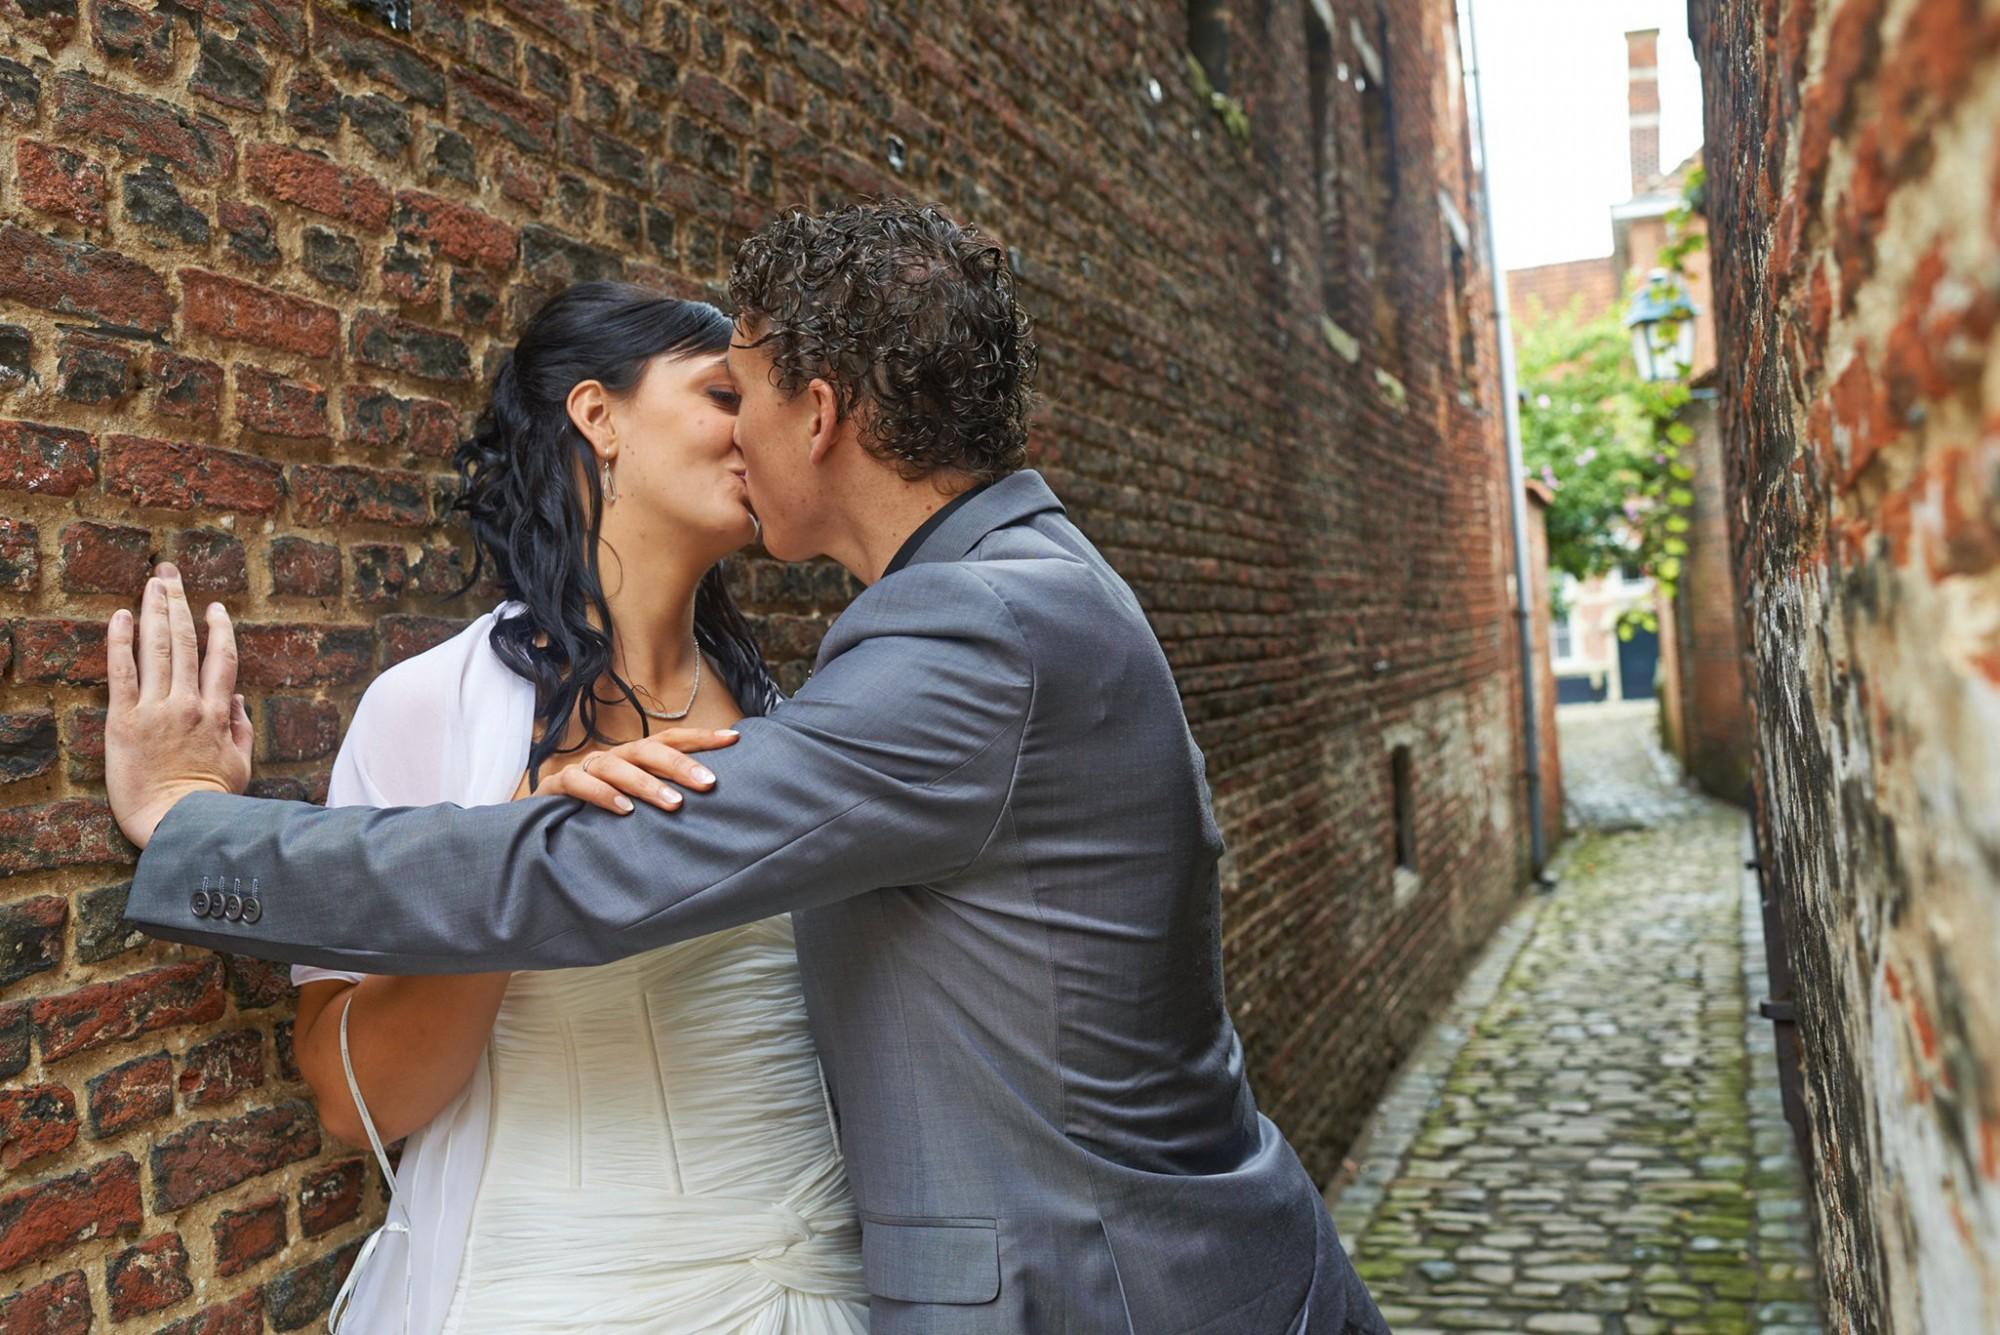 Afbeelding: Huwelijksreportages met verschillende mogelijkheden en prijsklassen, startend vanaf 600,00 -€, foto Van Huffel Antwerpen.